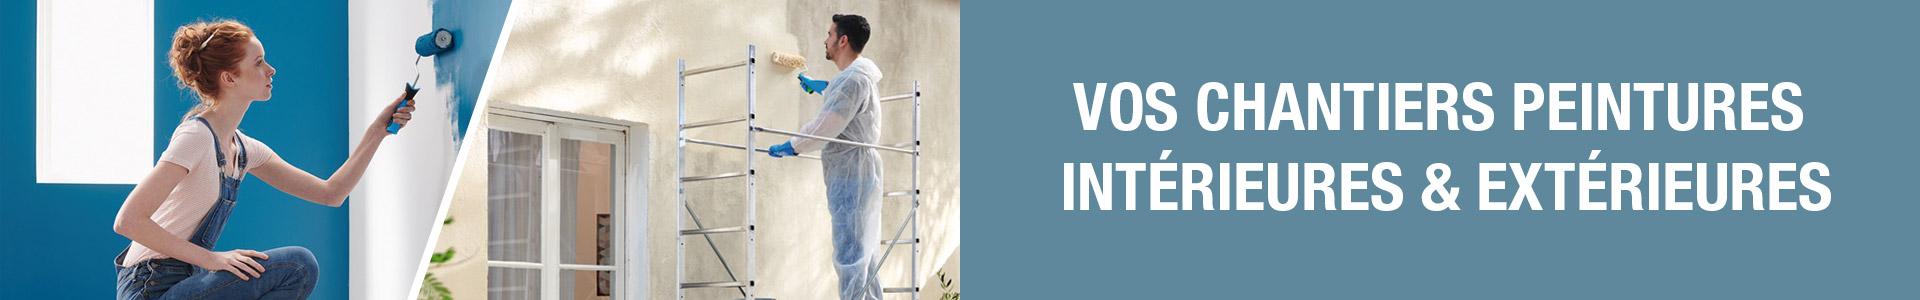 Vos chantiers peintures intérieur & extérieur